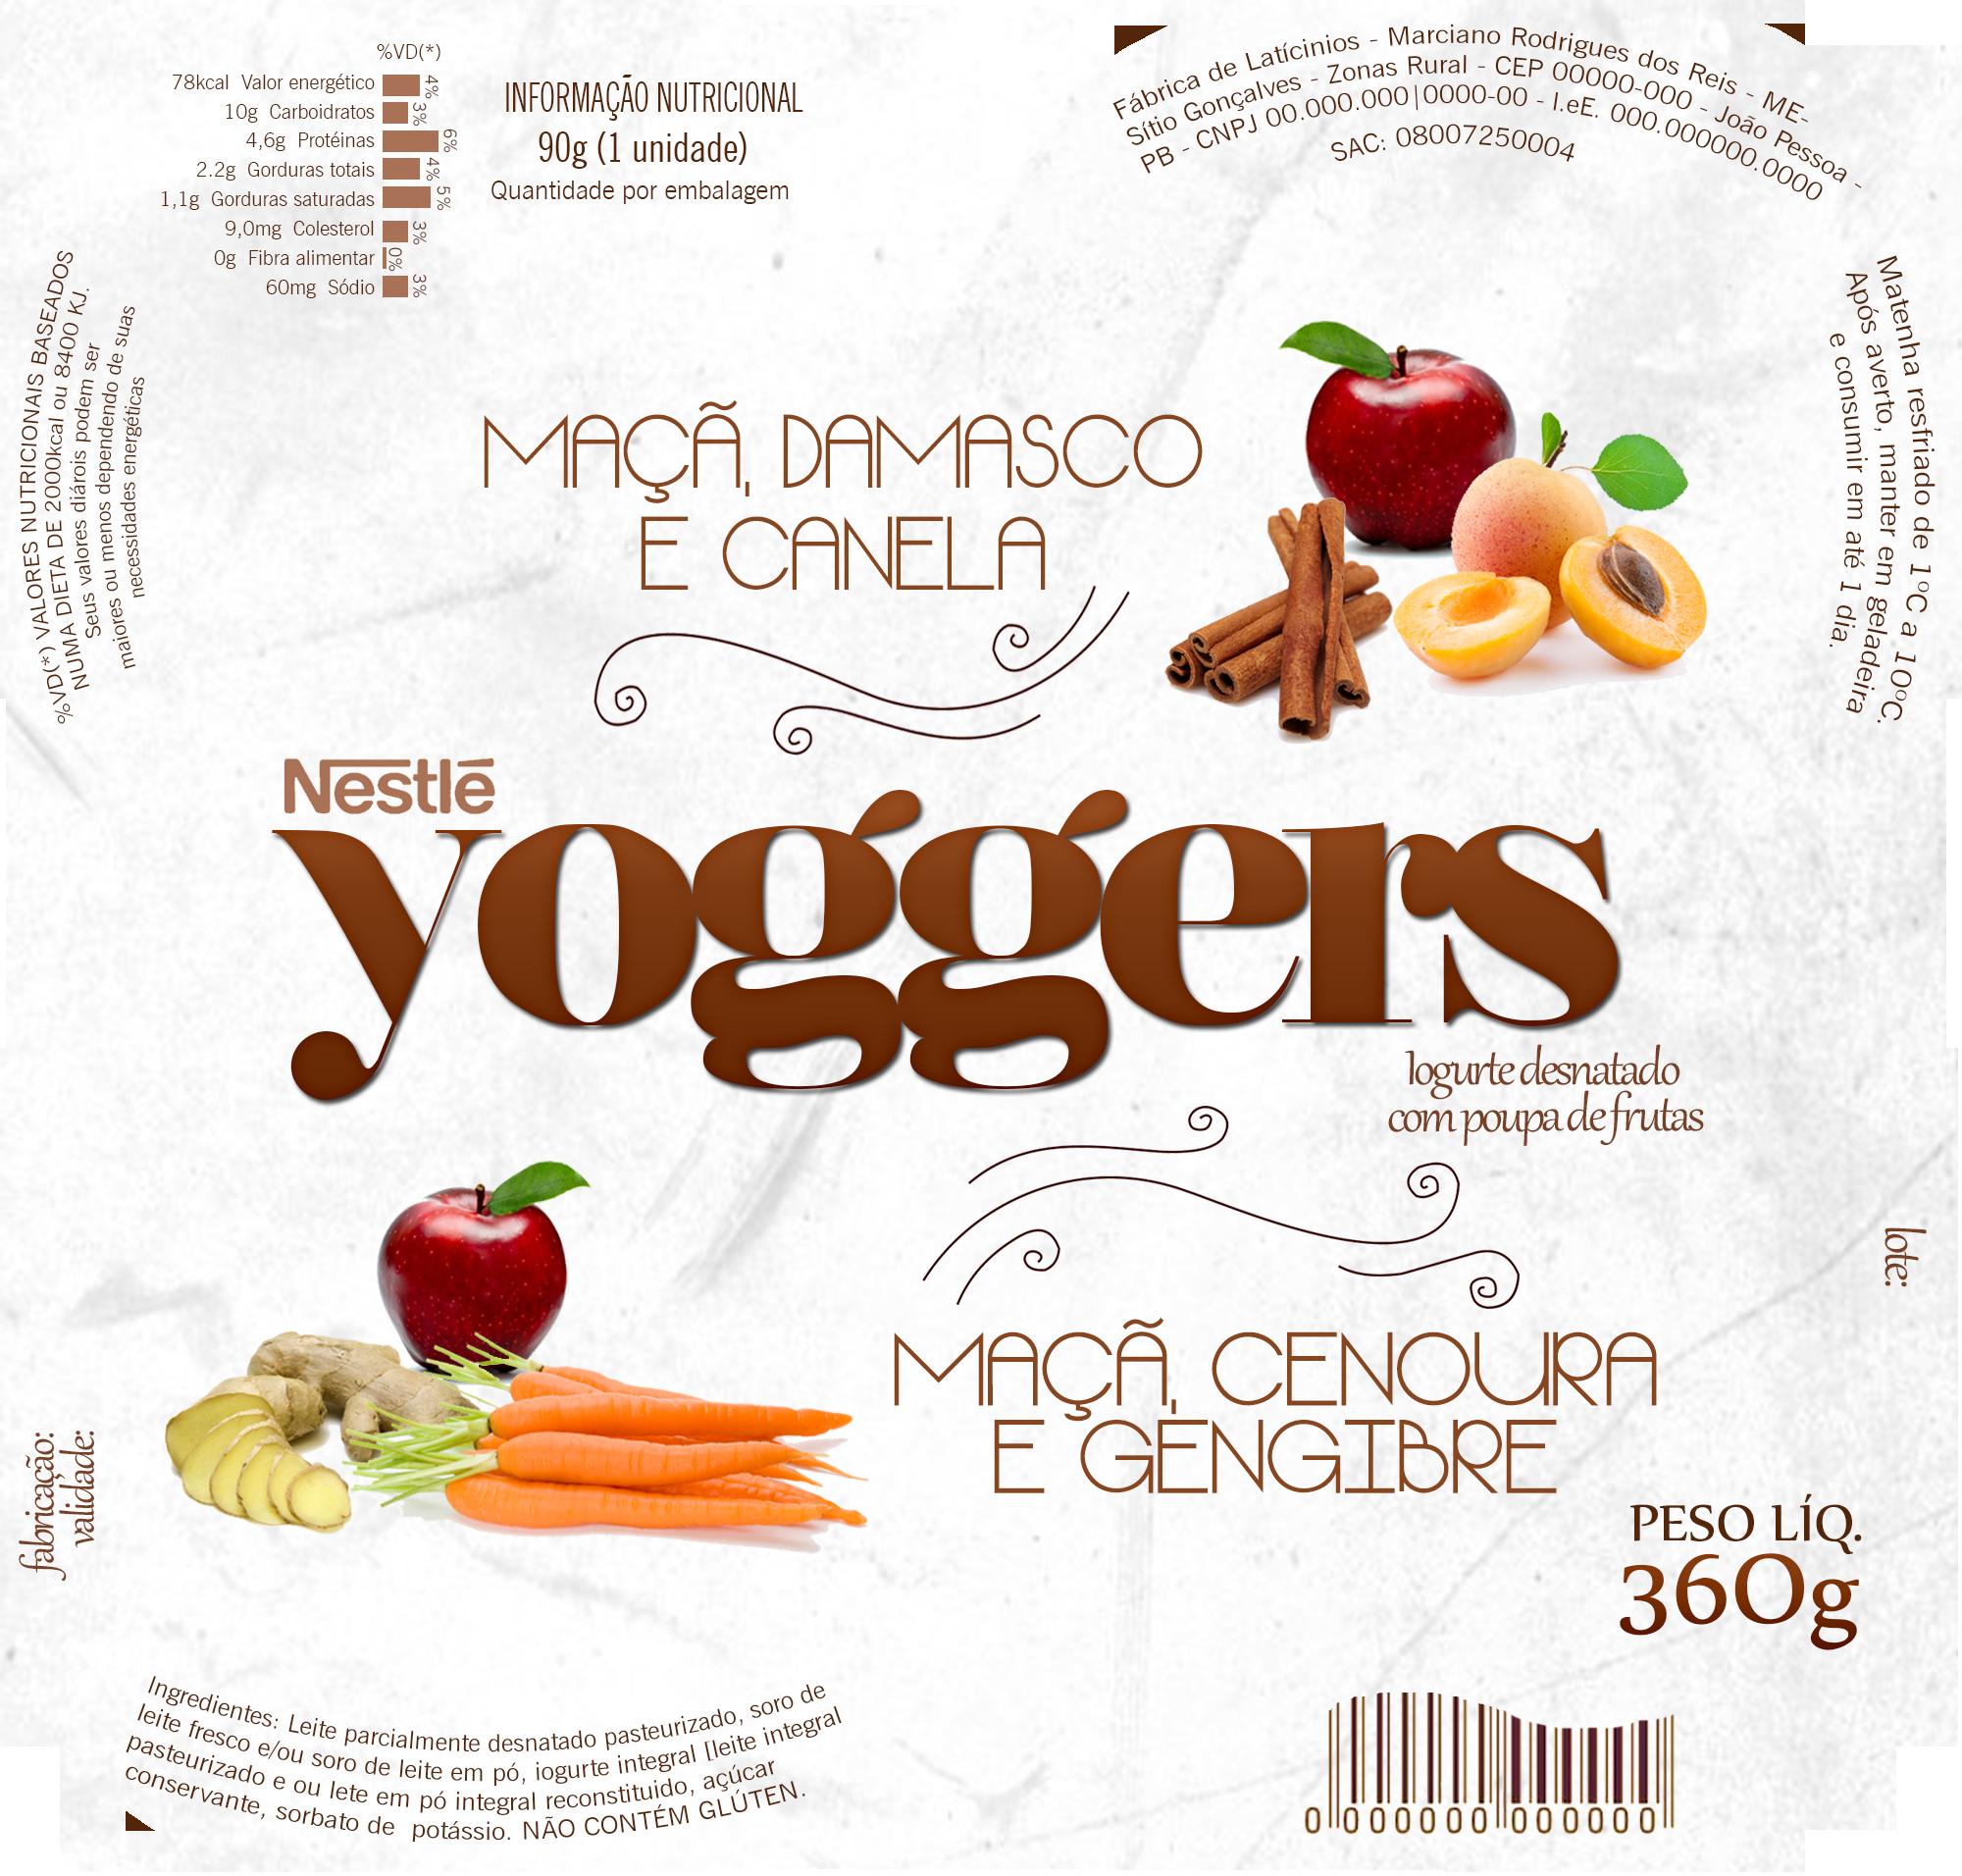 Rótulo para uma embalagem de Iogurte